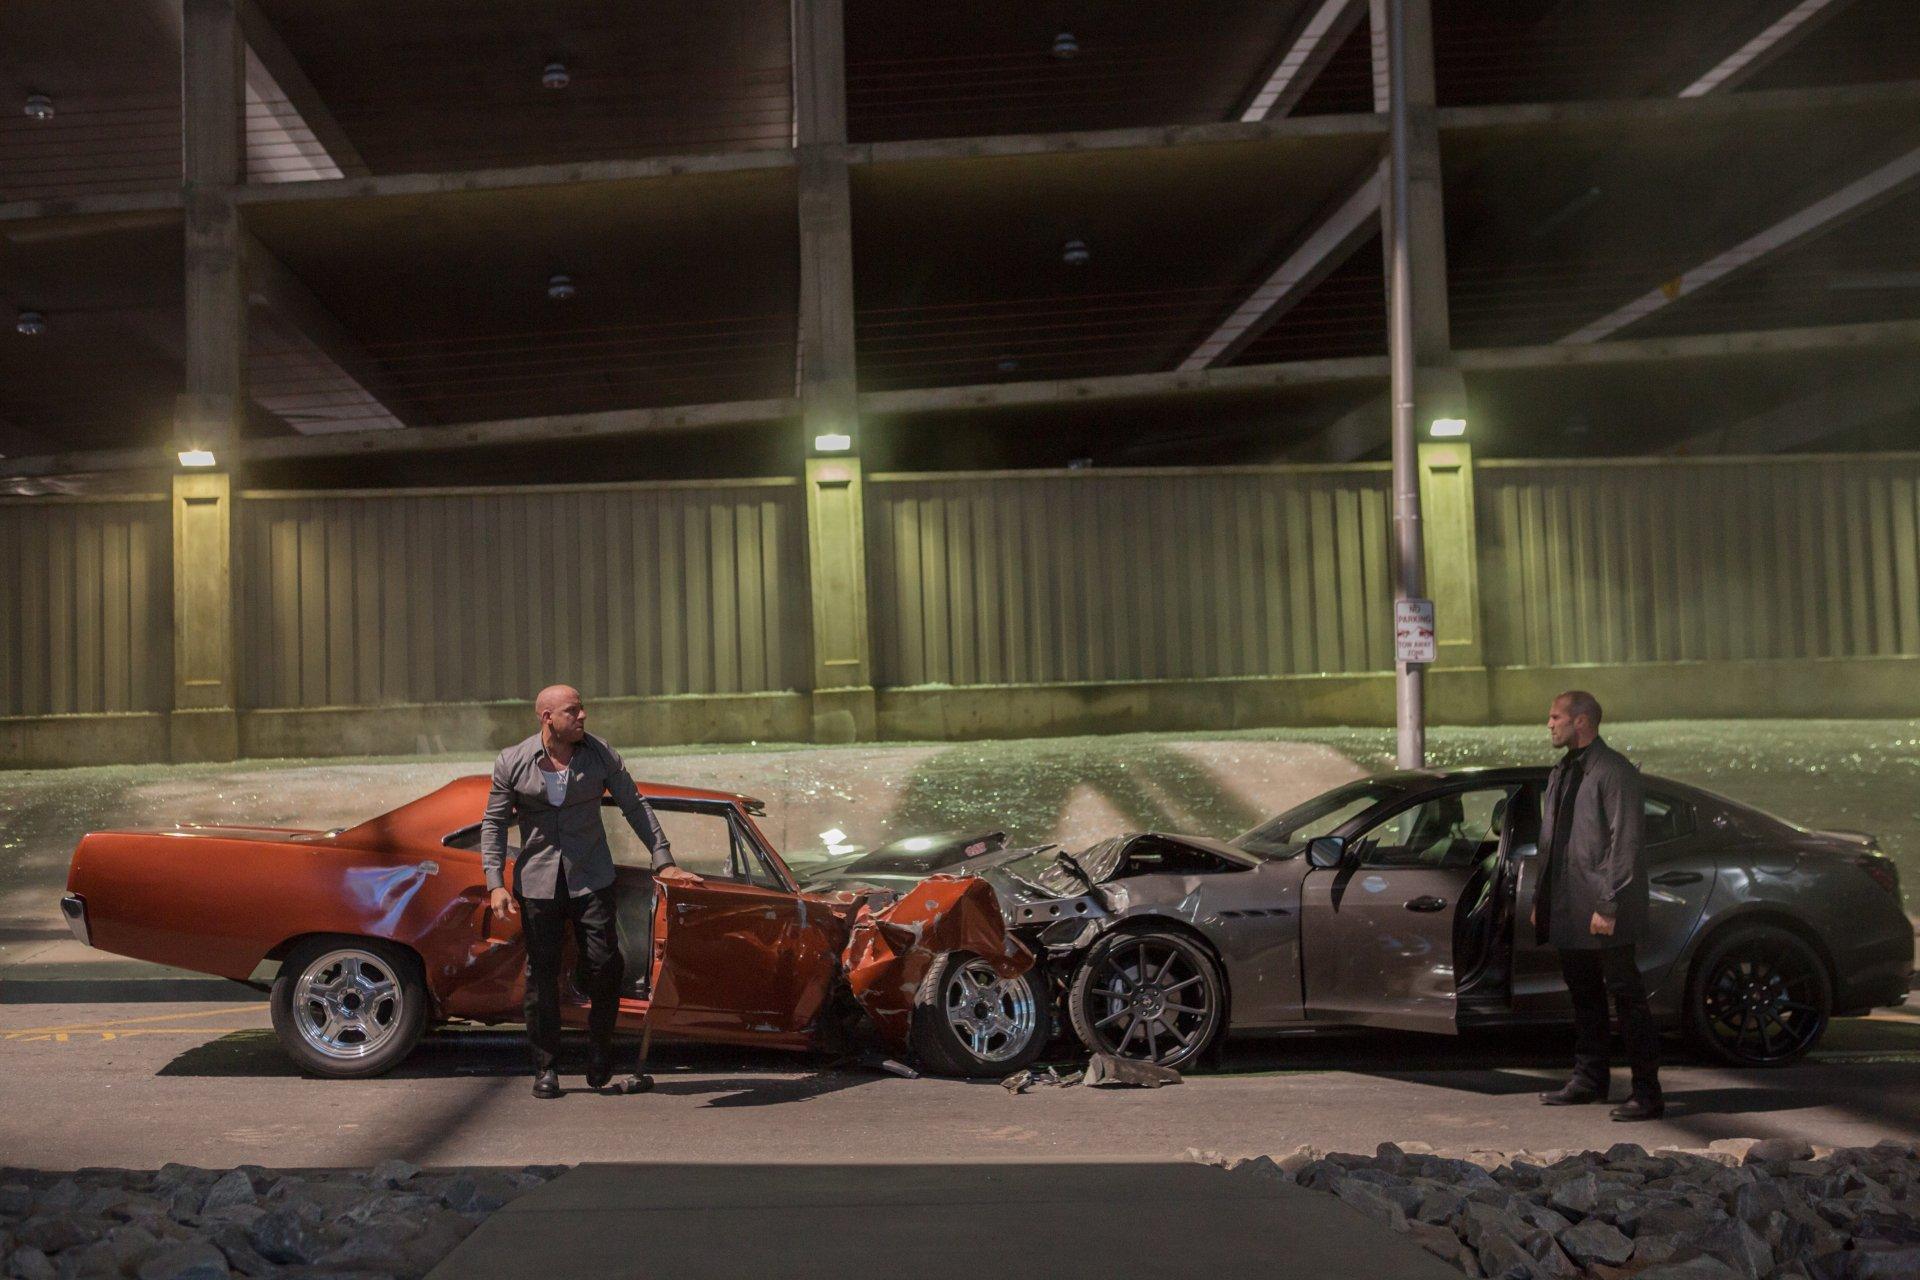 Movie - Furious 7  Fast & Furious Dominic Toretto Vin Diesel Deckard Shaw Jason Statham Wallpaper